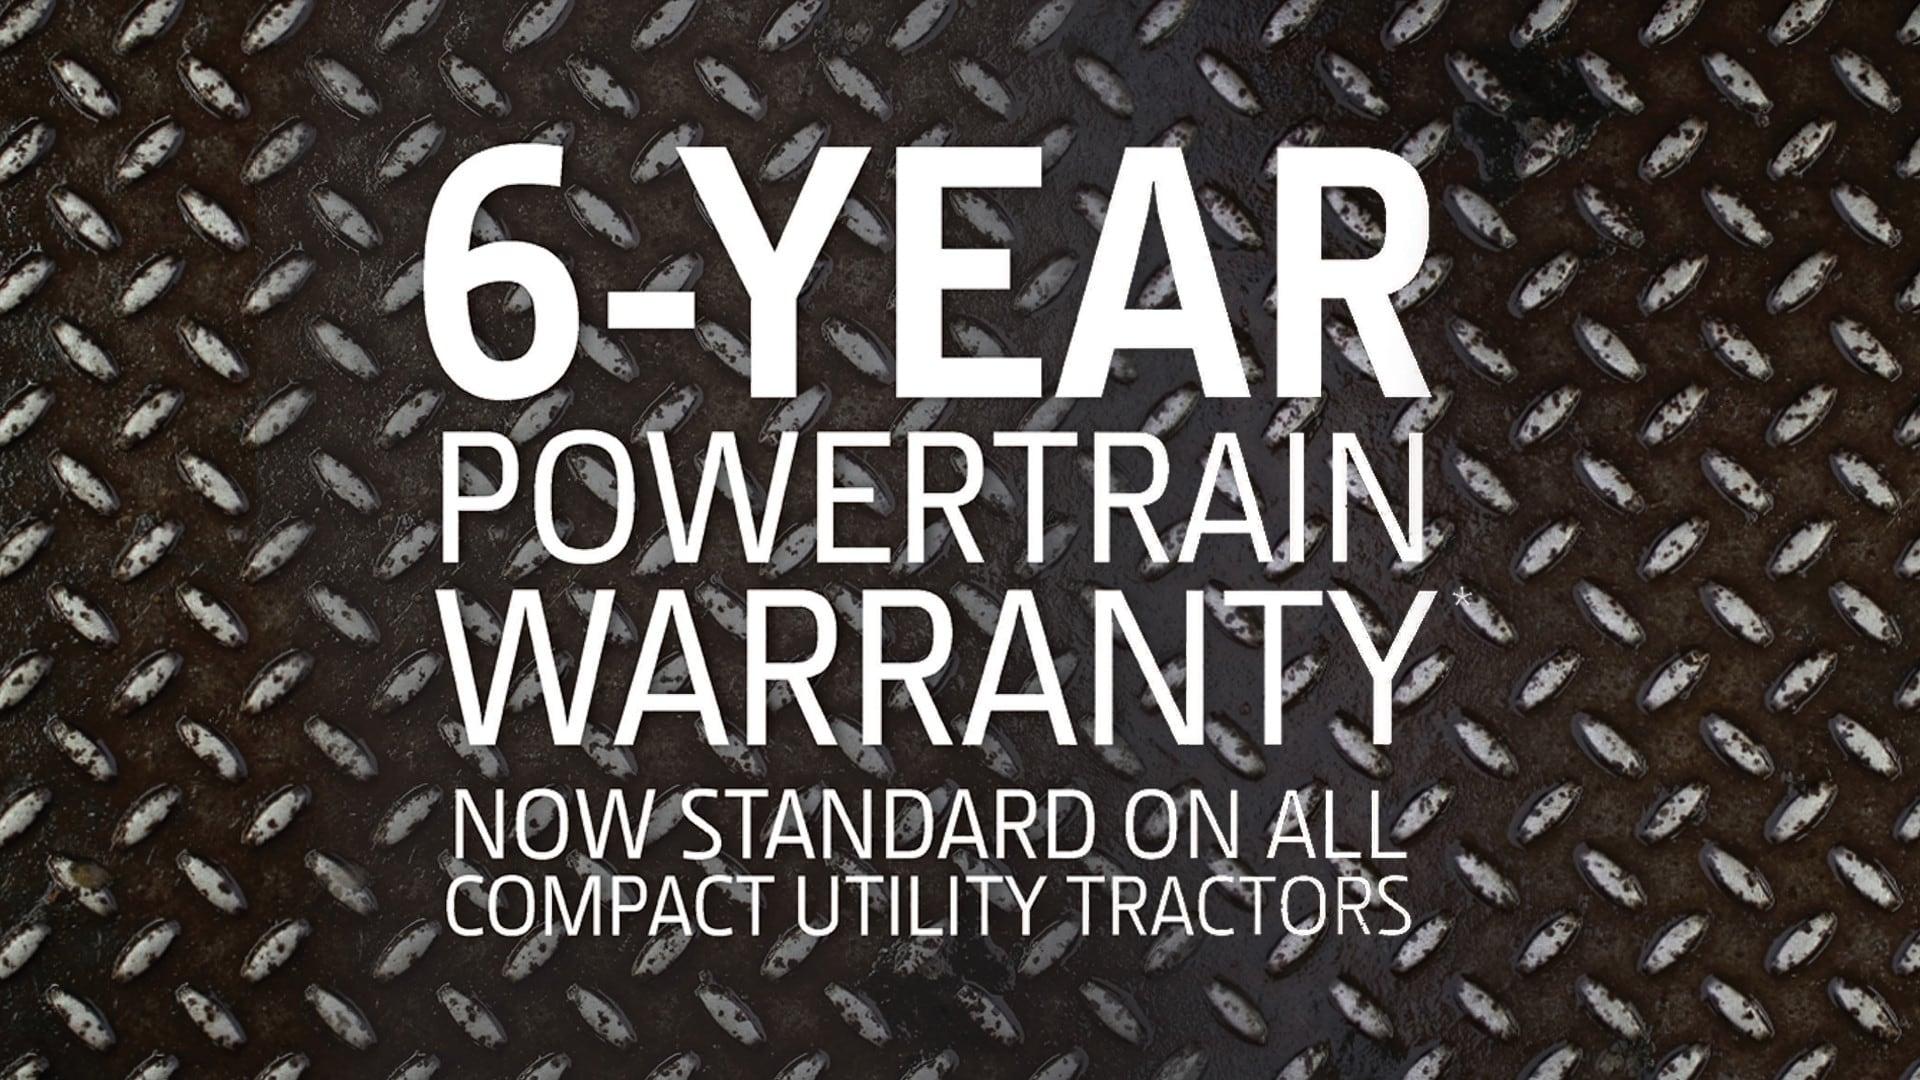 au-6yr-powertrain-warranty-banner_1920x1080